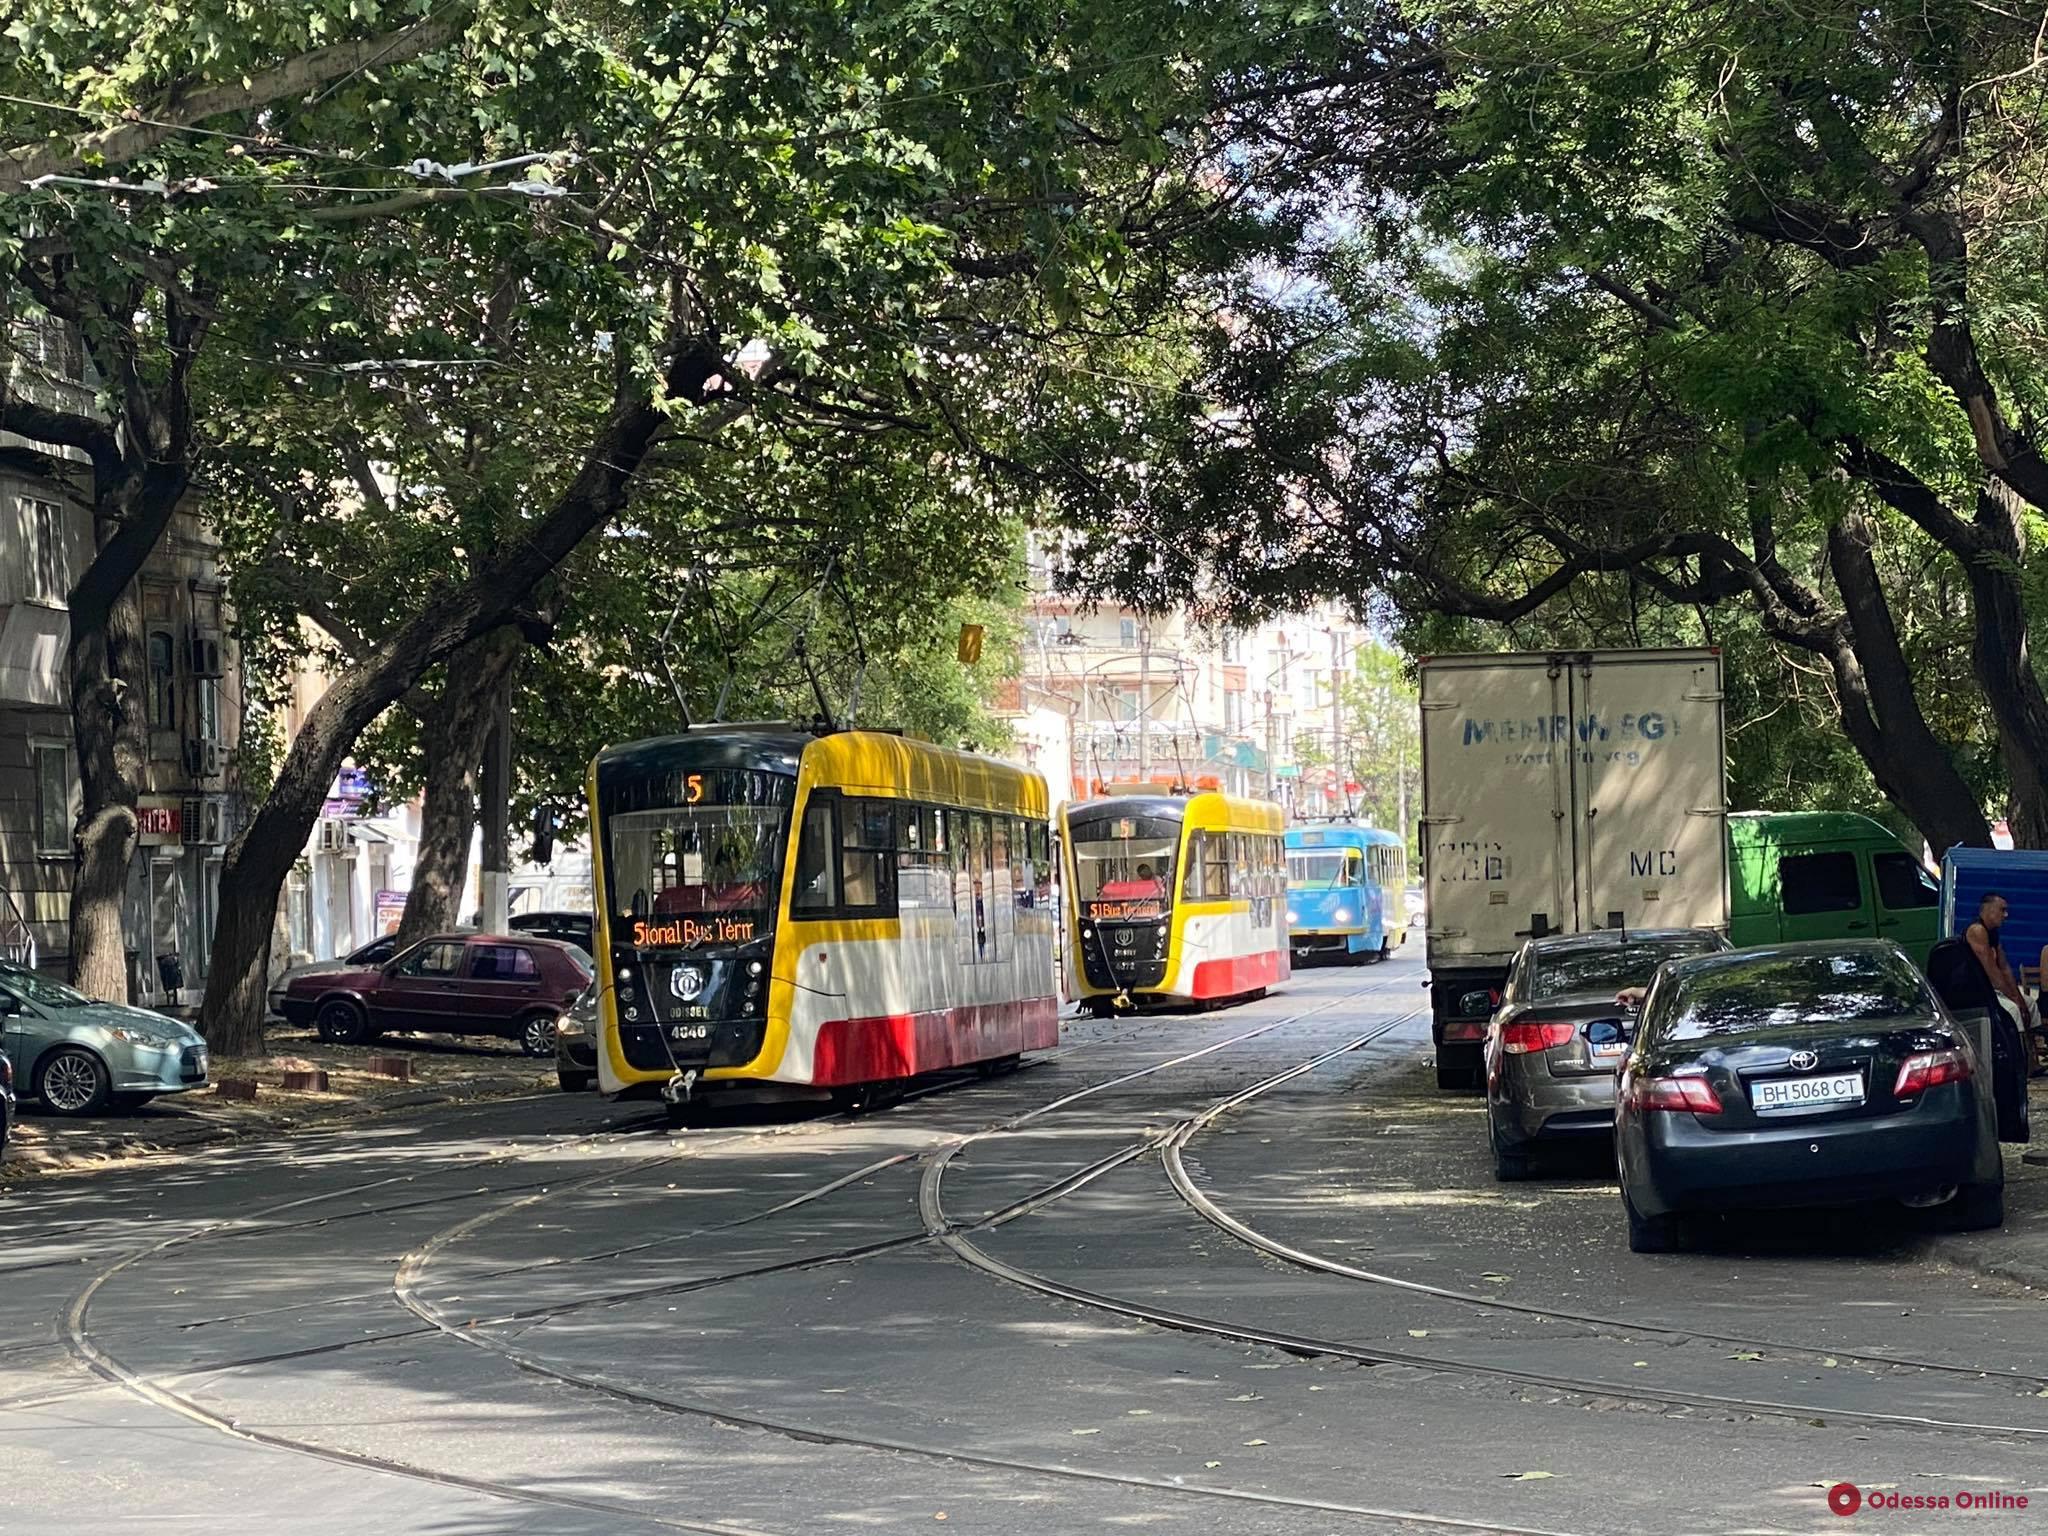 Закрывать общественный транспорт в «красных» зонах пока не планируем, — премьер-министр Шмыгаль